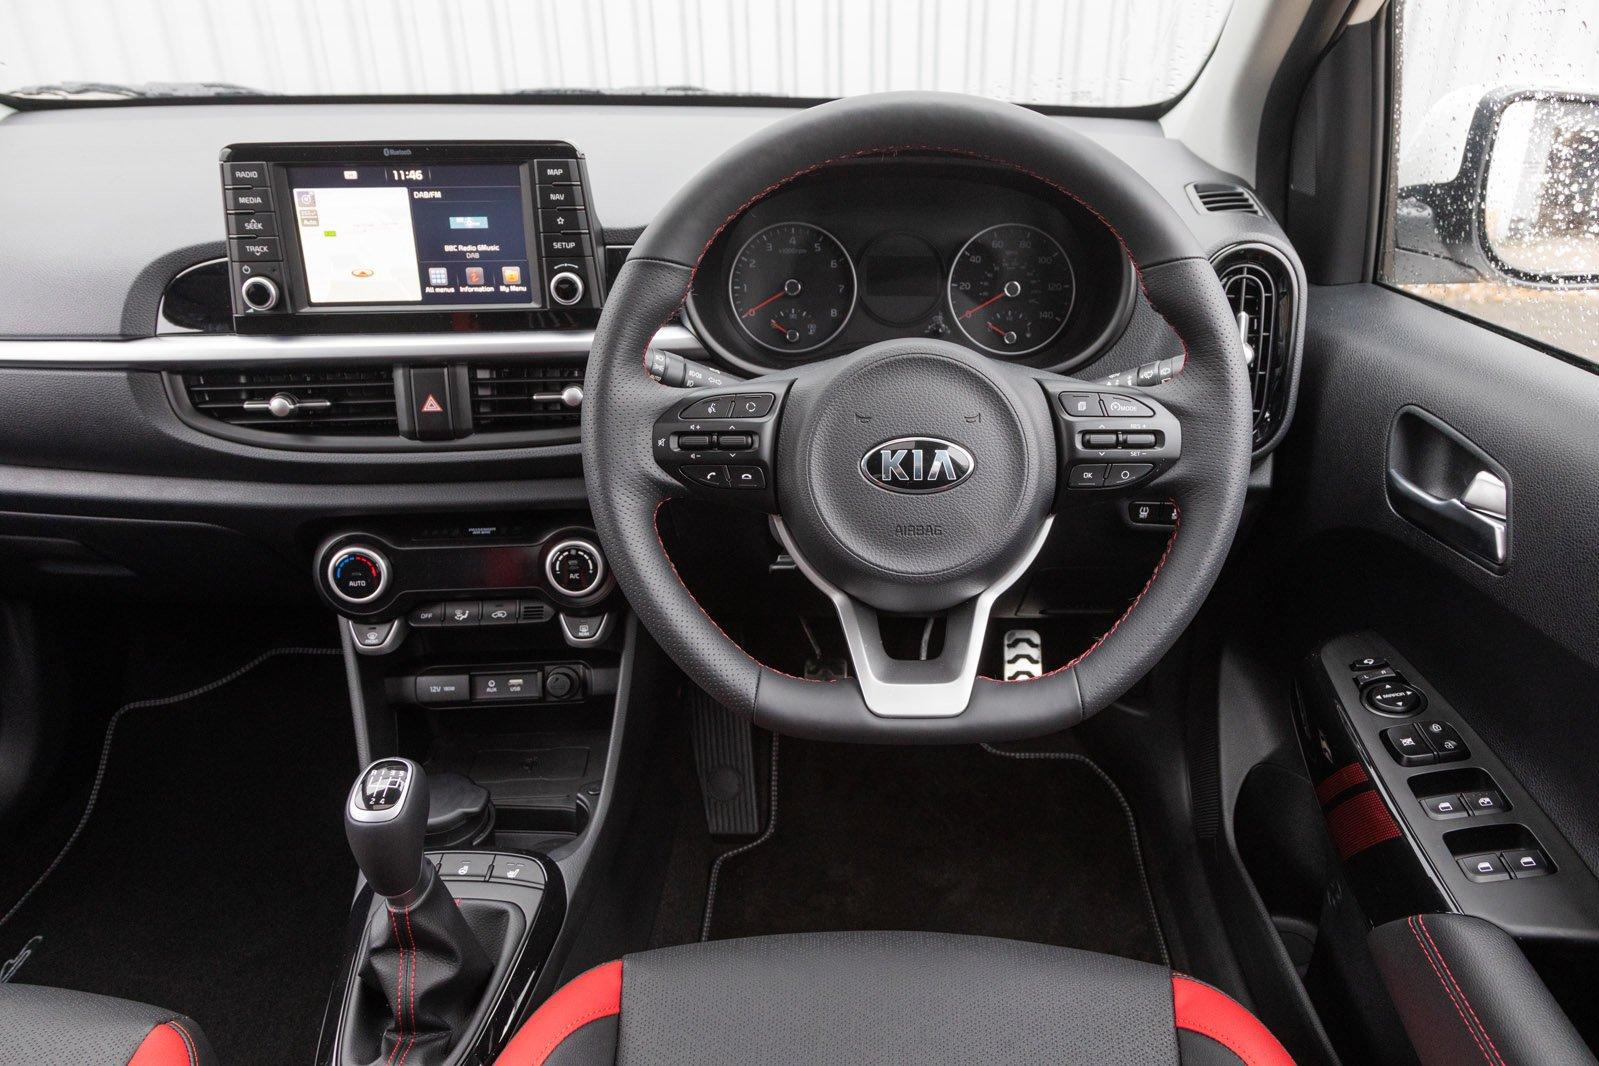 Kia Picanto 1.25 3 - interior